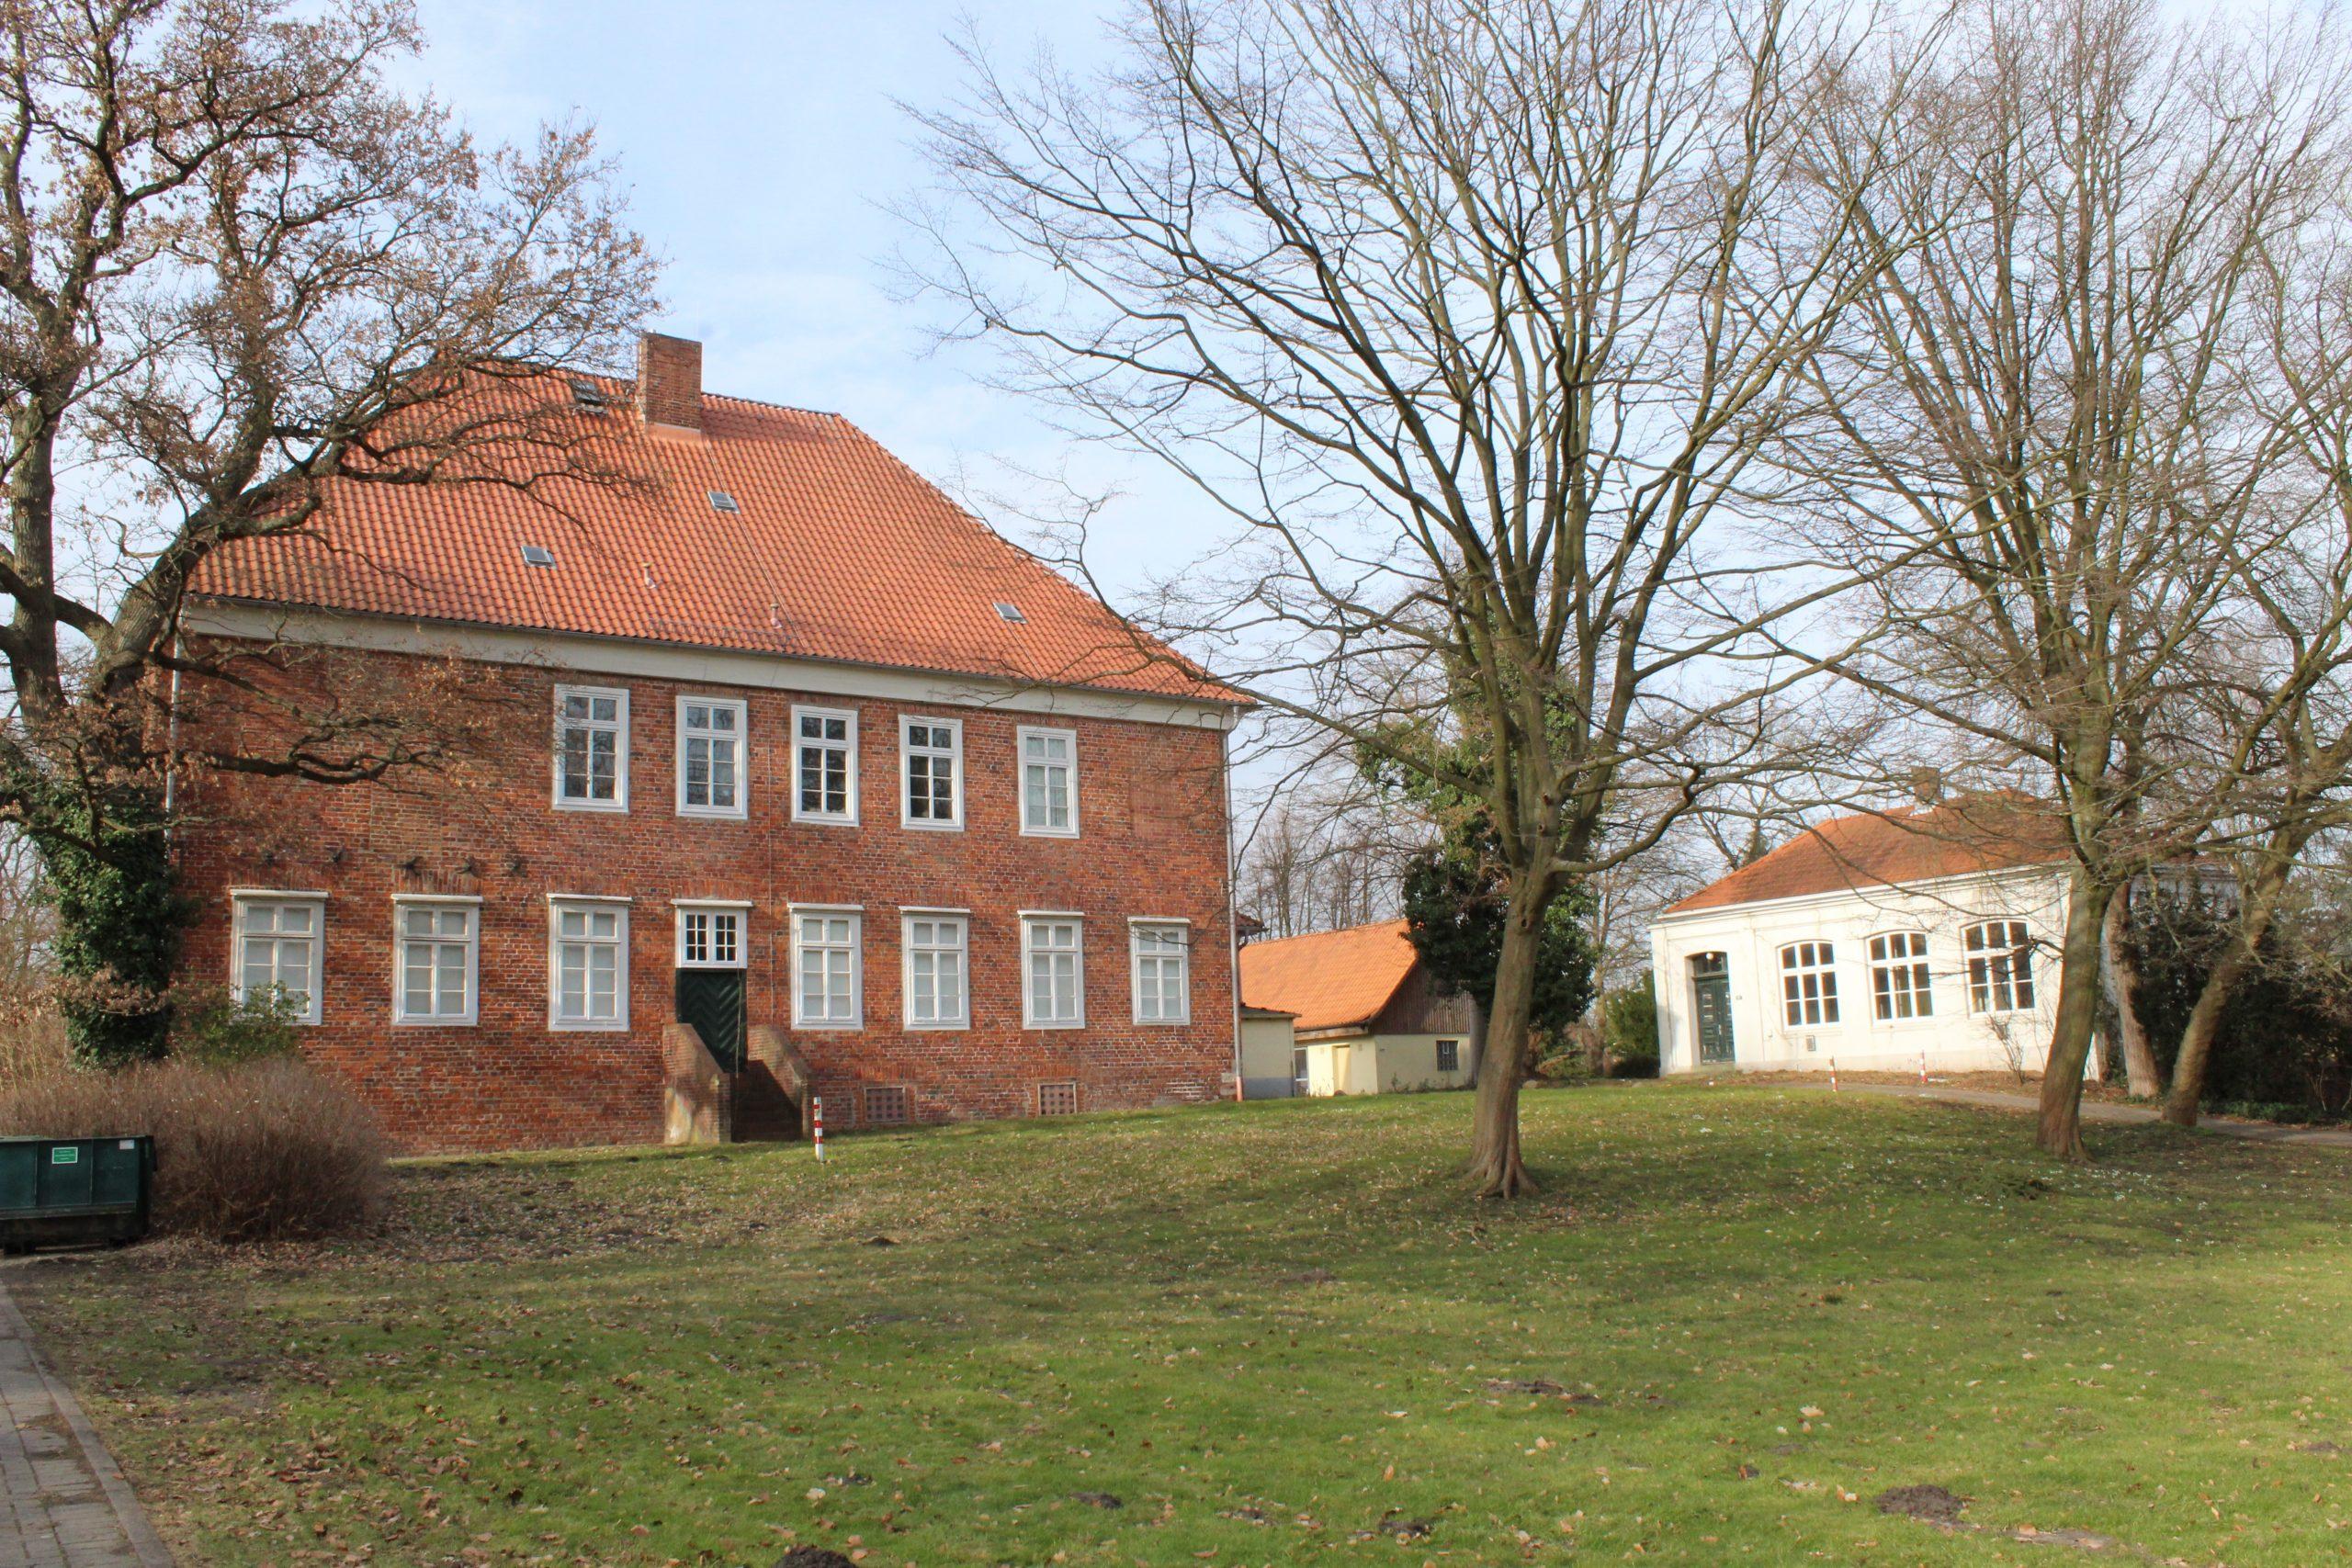 Ende dieses Jahres nun soll es endlich losgehen mit der Sanierung des Museums Elbinsel Wilhelmsburg. Das hat der Senat nun beschlossen. Foto: au